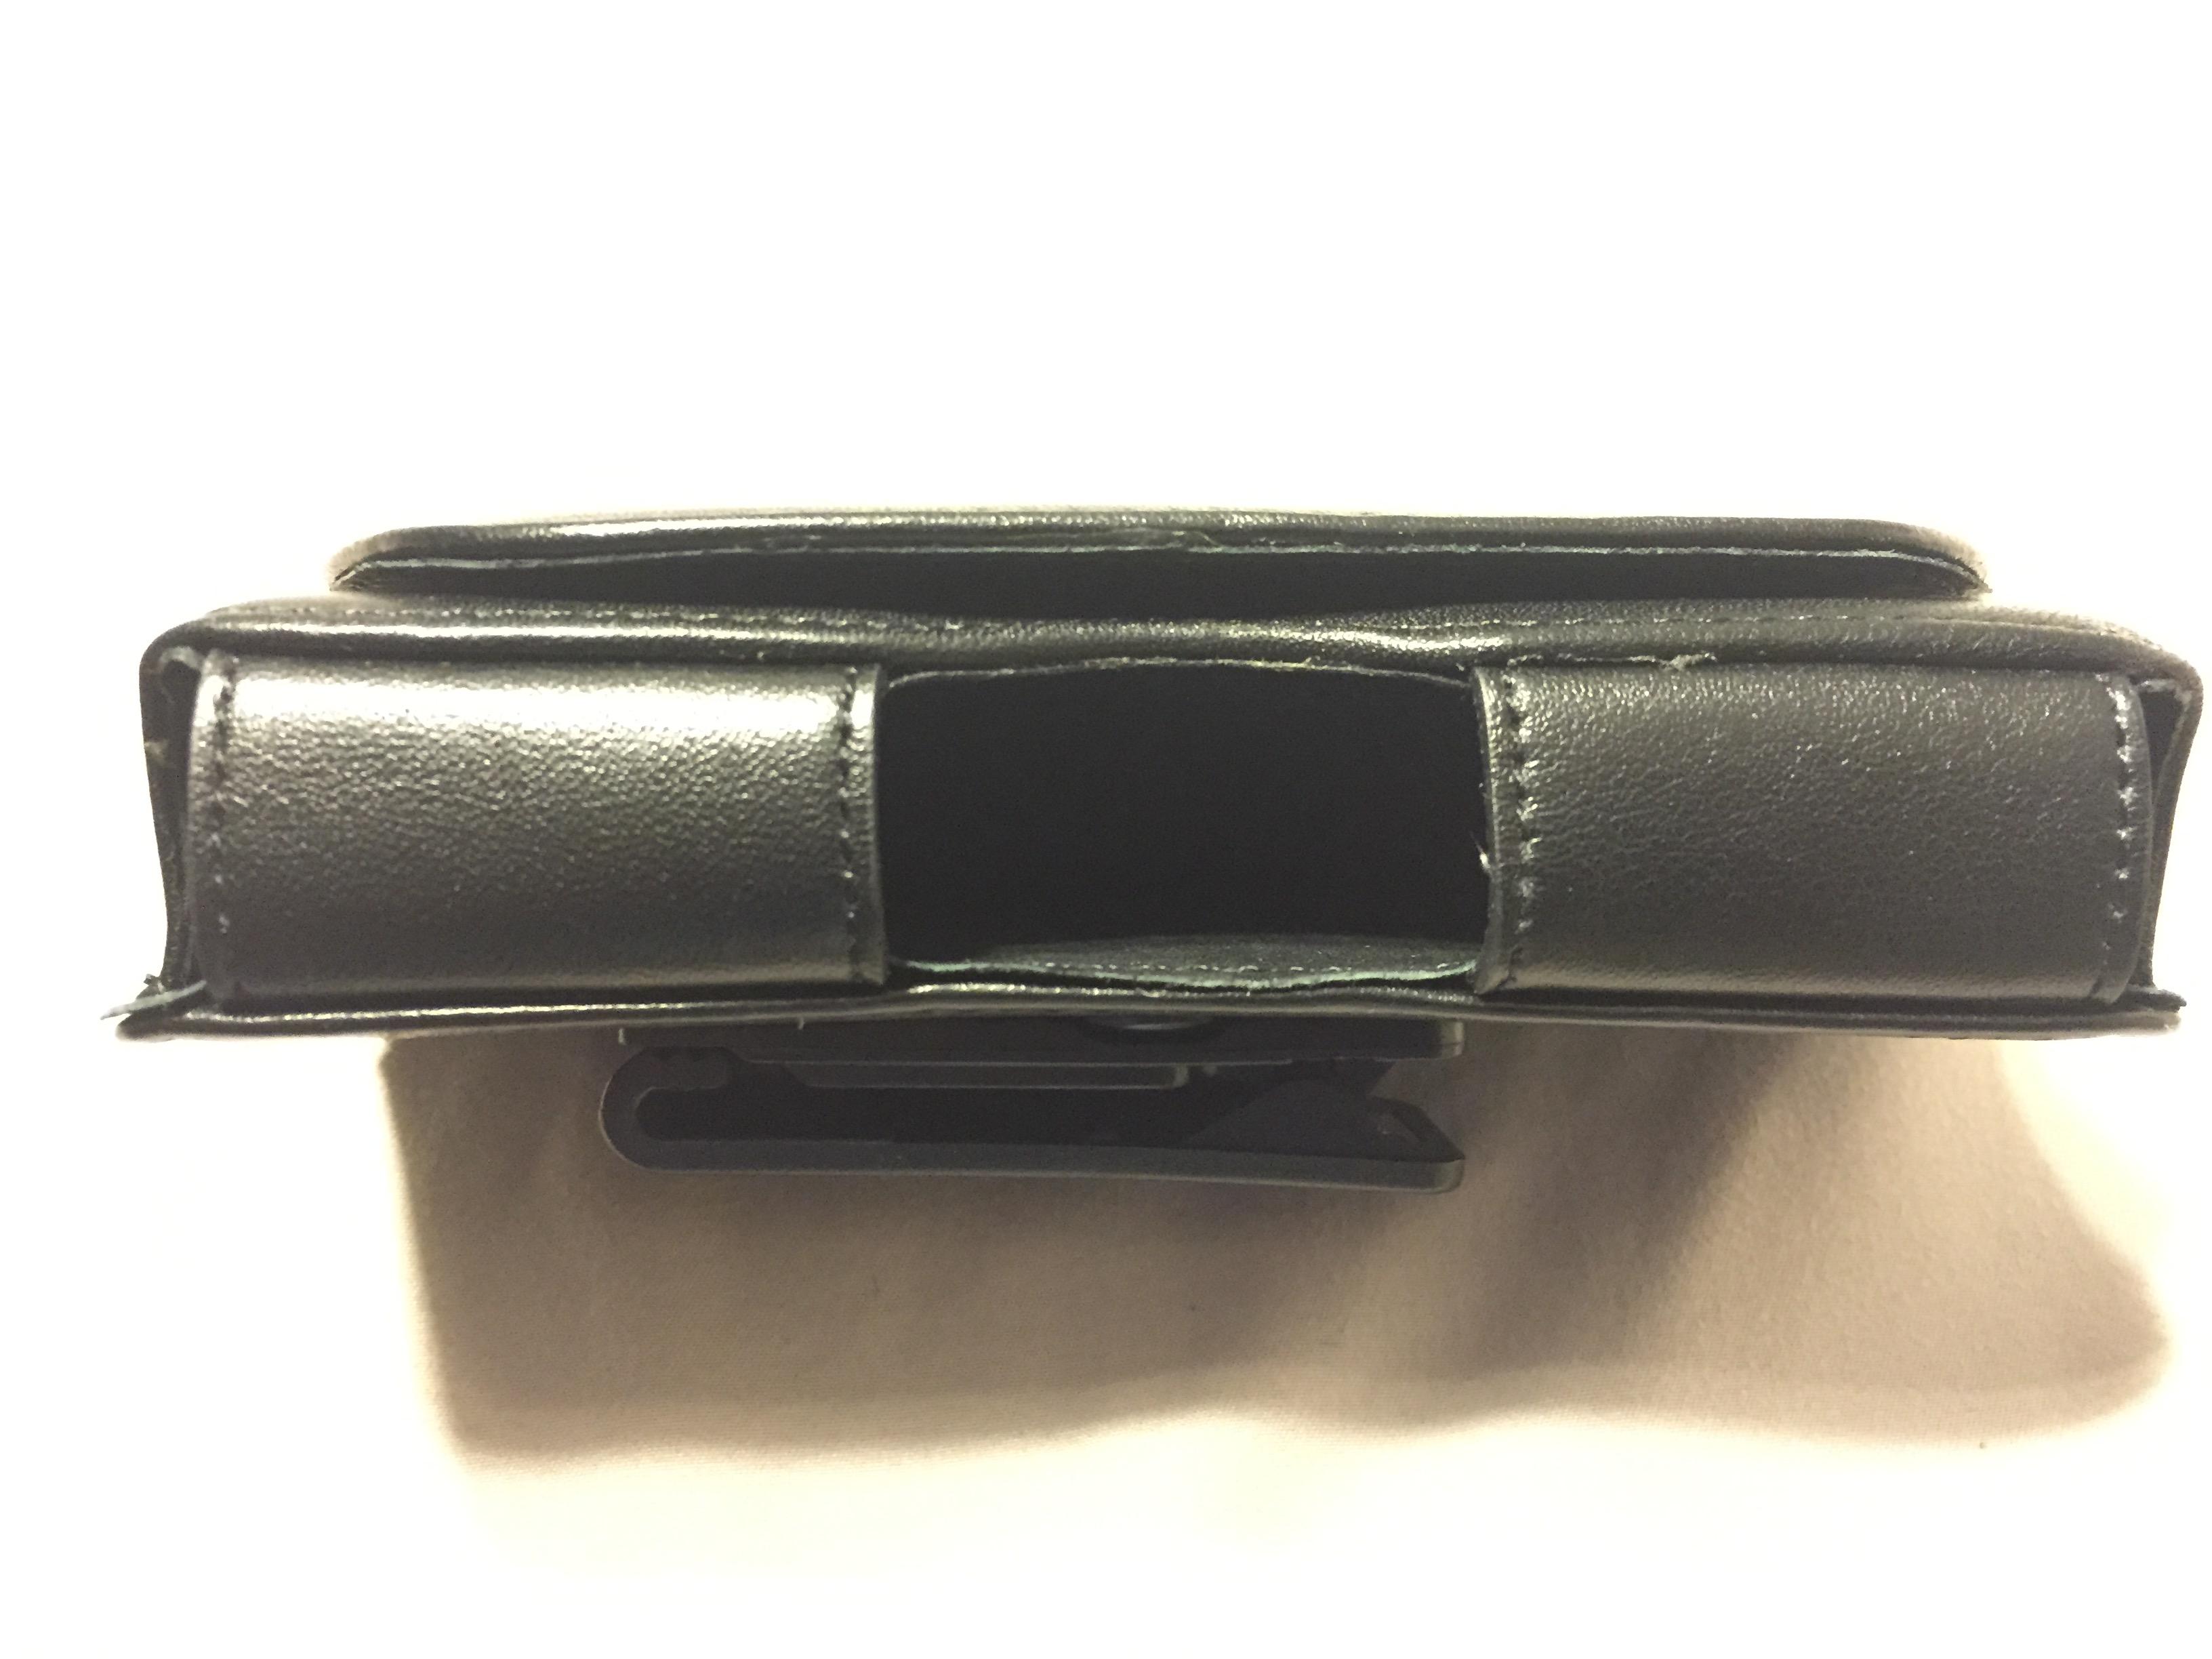 CUSTODIA FLAP IN ECOPELLE SCUDERIA IPHONE 4 - Car Accessories